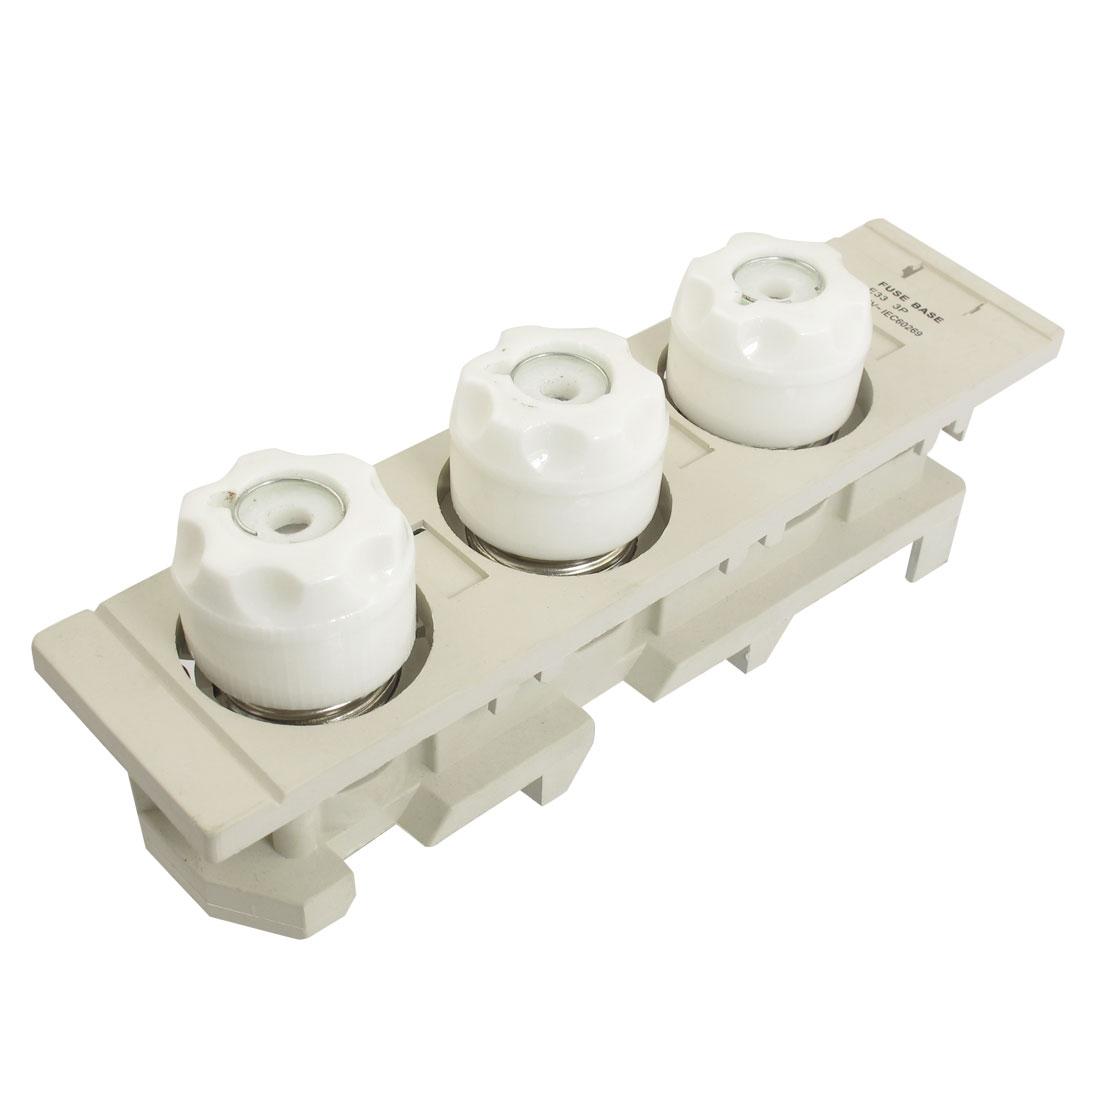 AC 500V 63A Ceramic Fuse Link E33 3P 690V Screw Base w Gray Plastic Holder